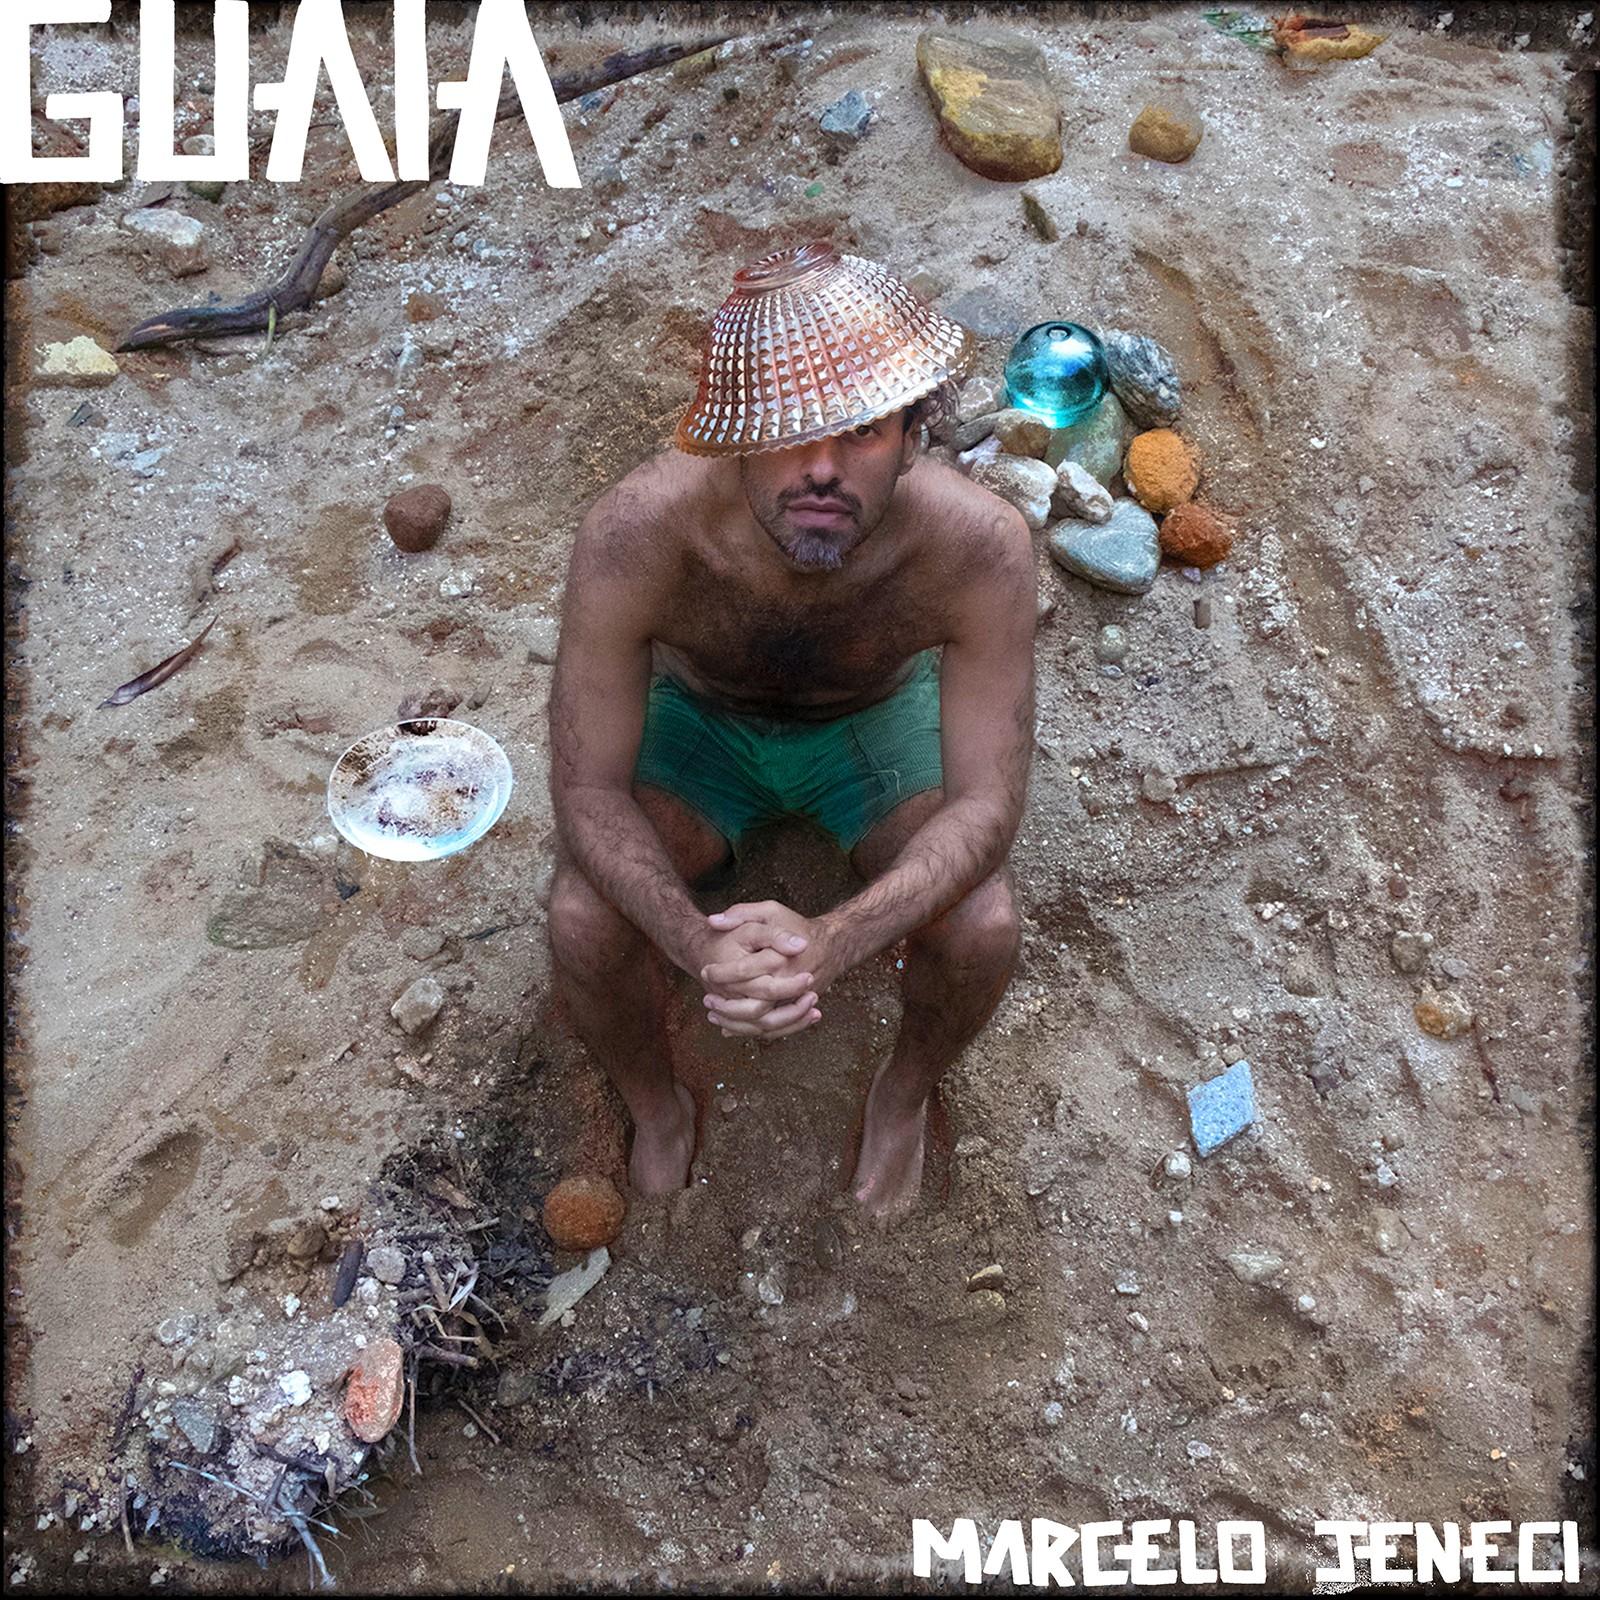 Marcelo Jeneci canta no álbum 'Guaia'  música composta com Chico César e lançada por Elba Ramalho - Notícias - Plantão Diário